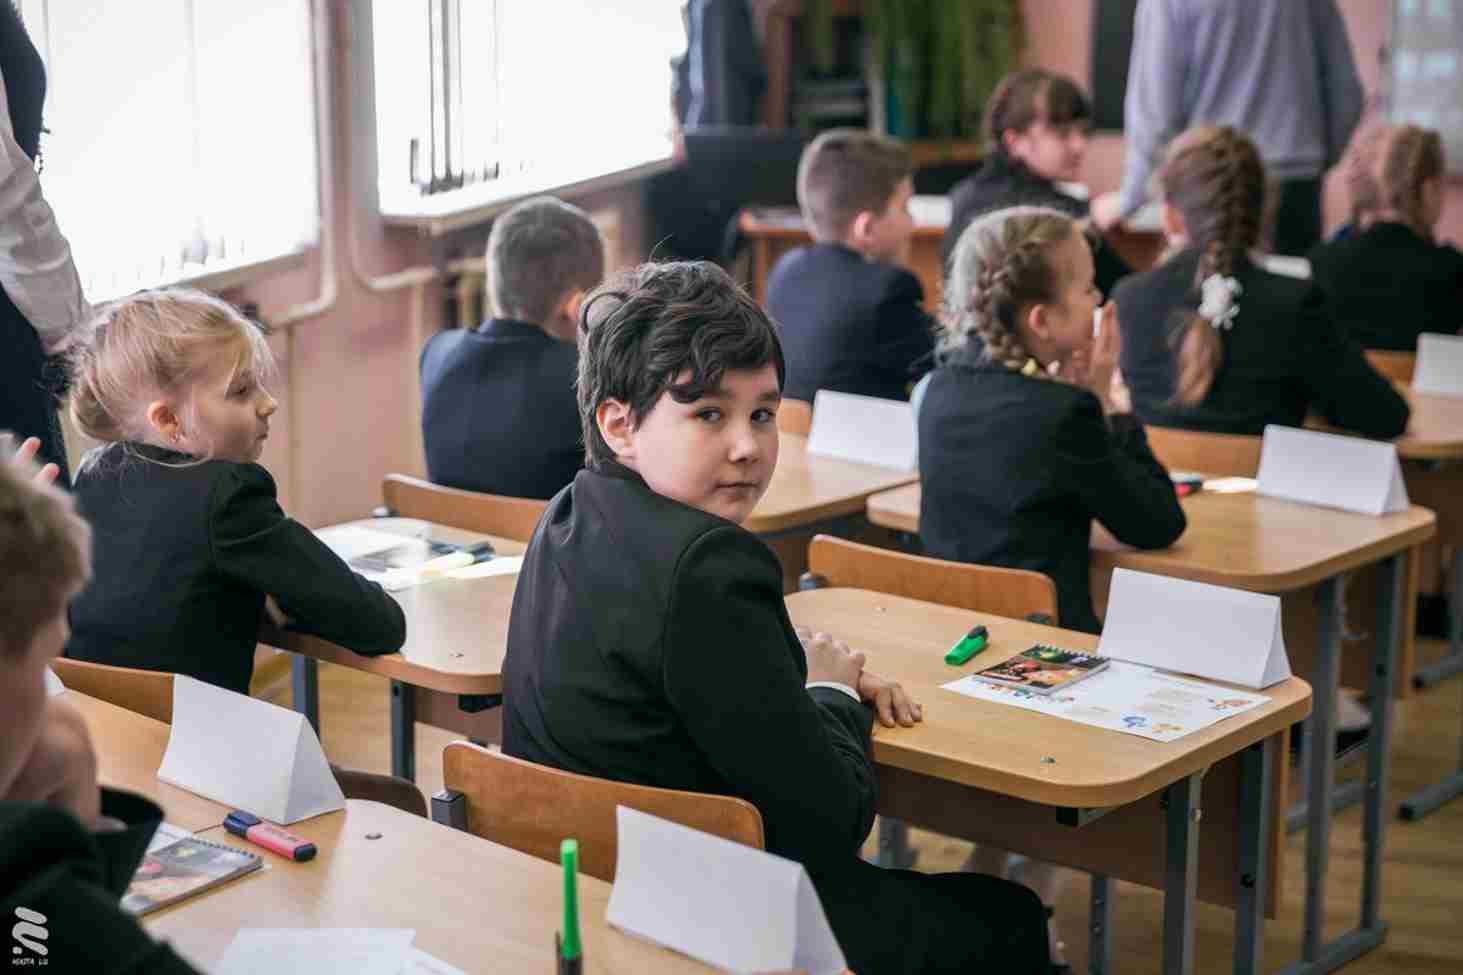 v-rosobrnadzore-zhdut-ot-pedagogov-predlozhenij-po-sovershenstvovaniyu-vpr